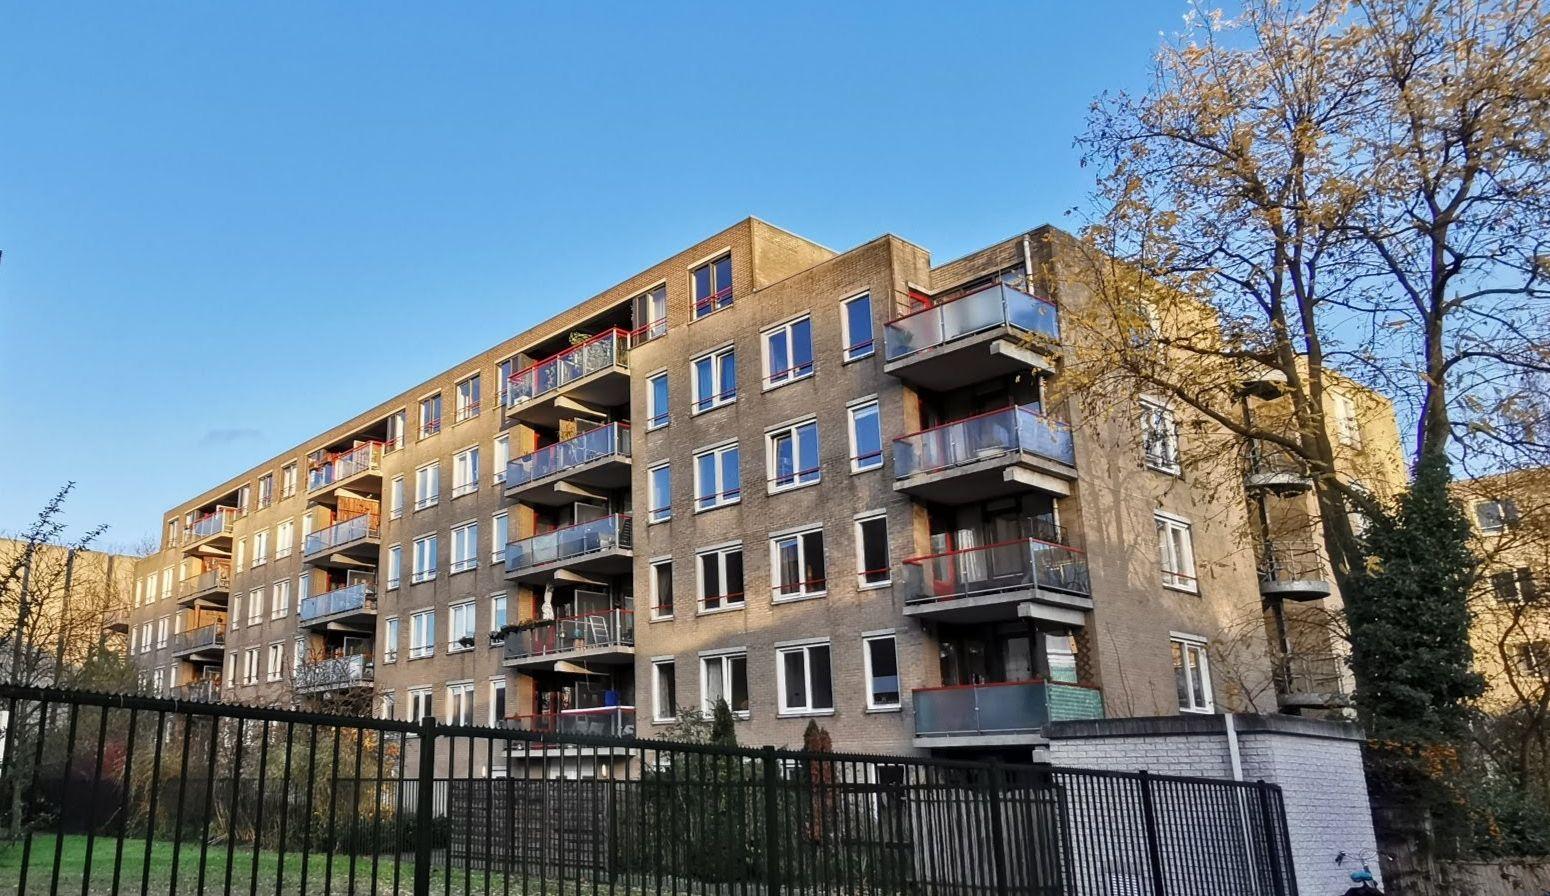 Het appartementencomplex aan De Blieckstraat